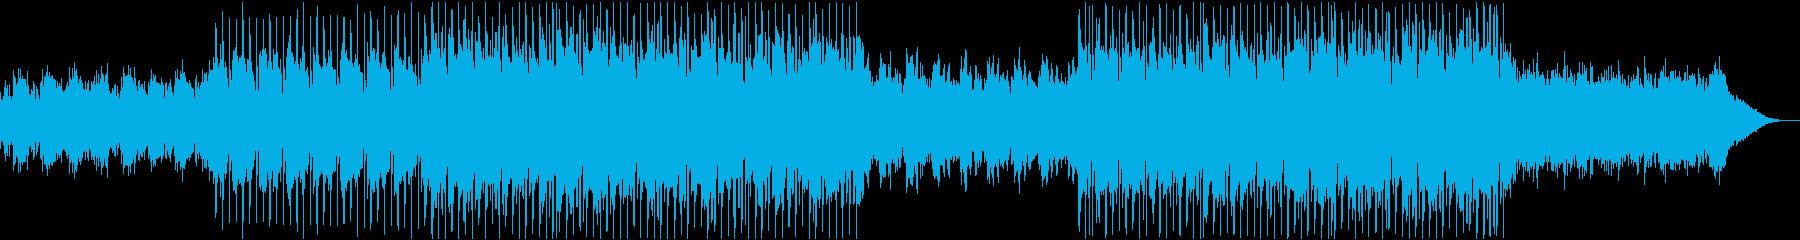 まったり、夏の終わりBGMの再生済みの波形